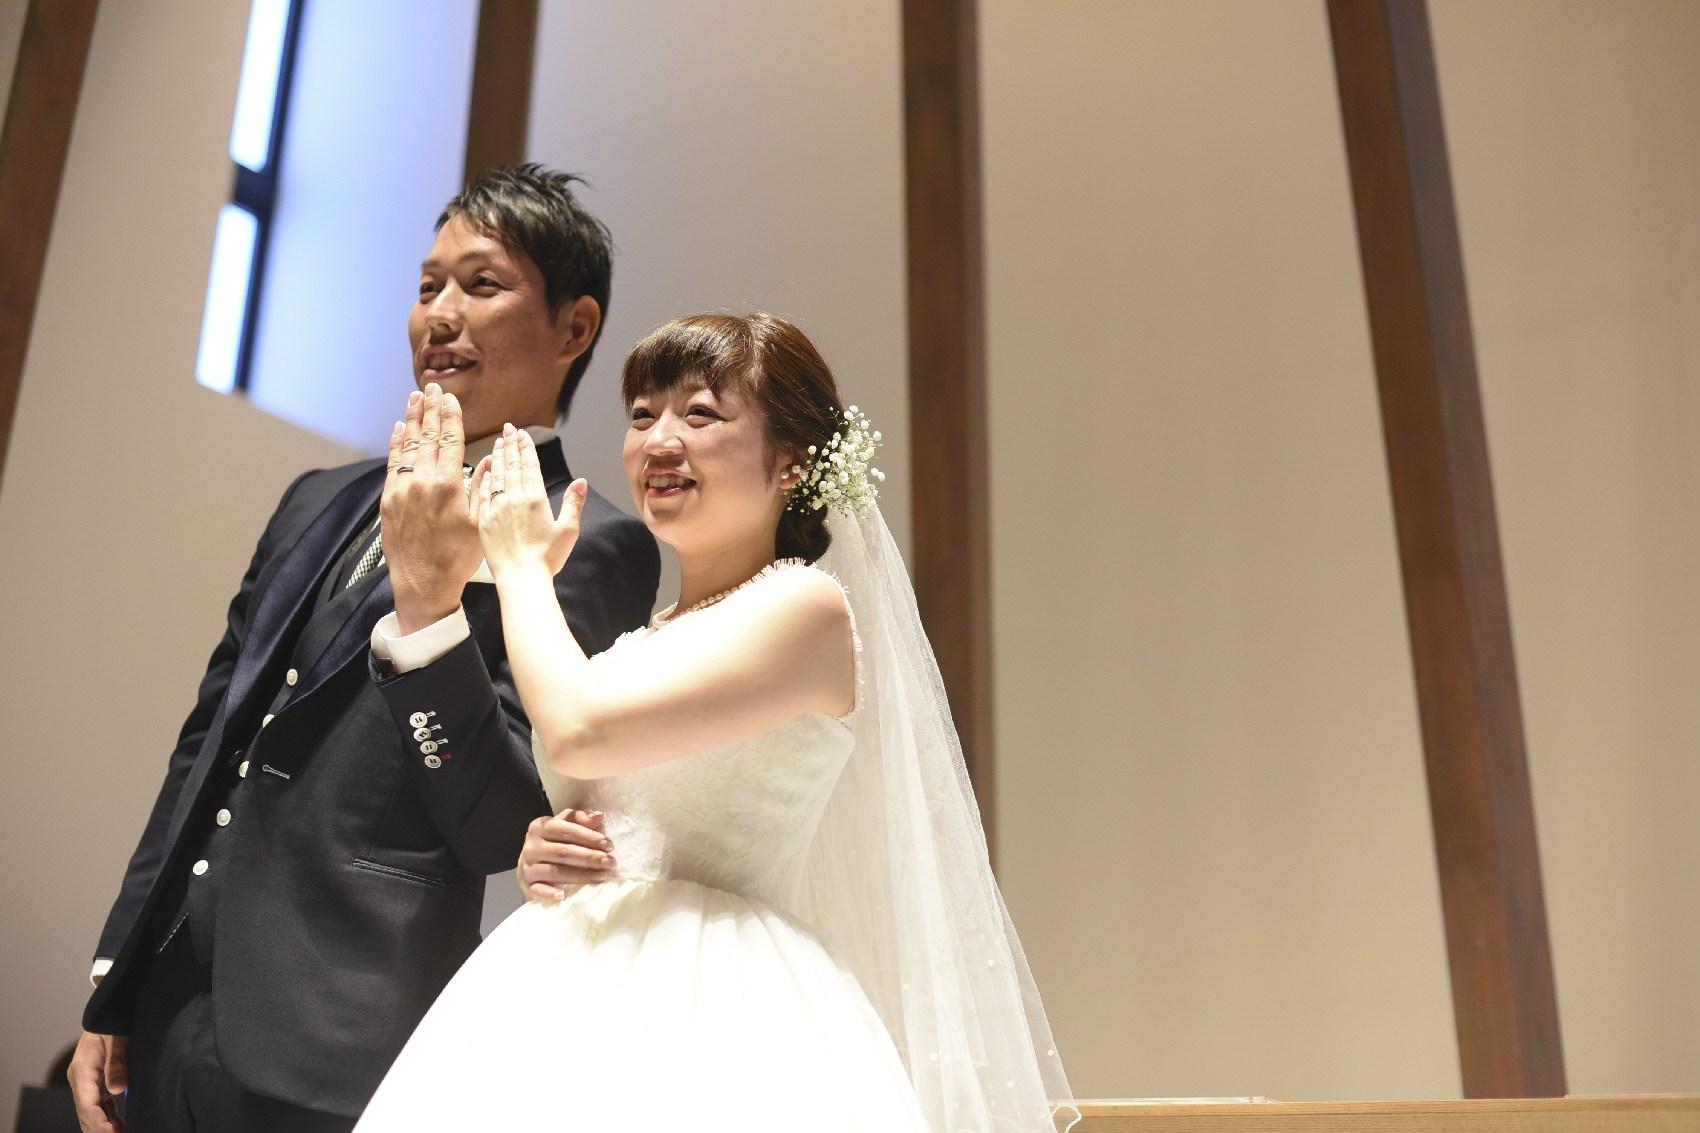 香川県高松市の結婚式場アナザースタイルの結婚式での指輪ポーズ